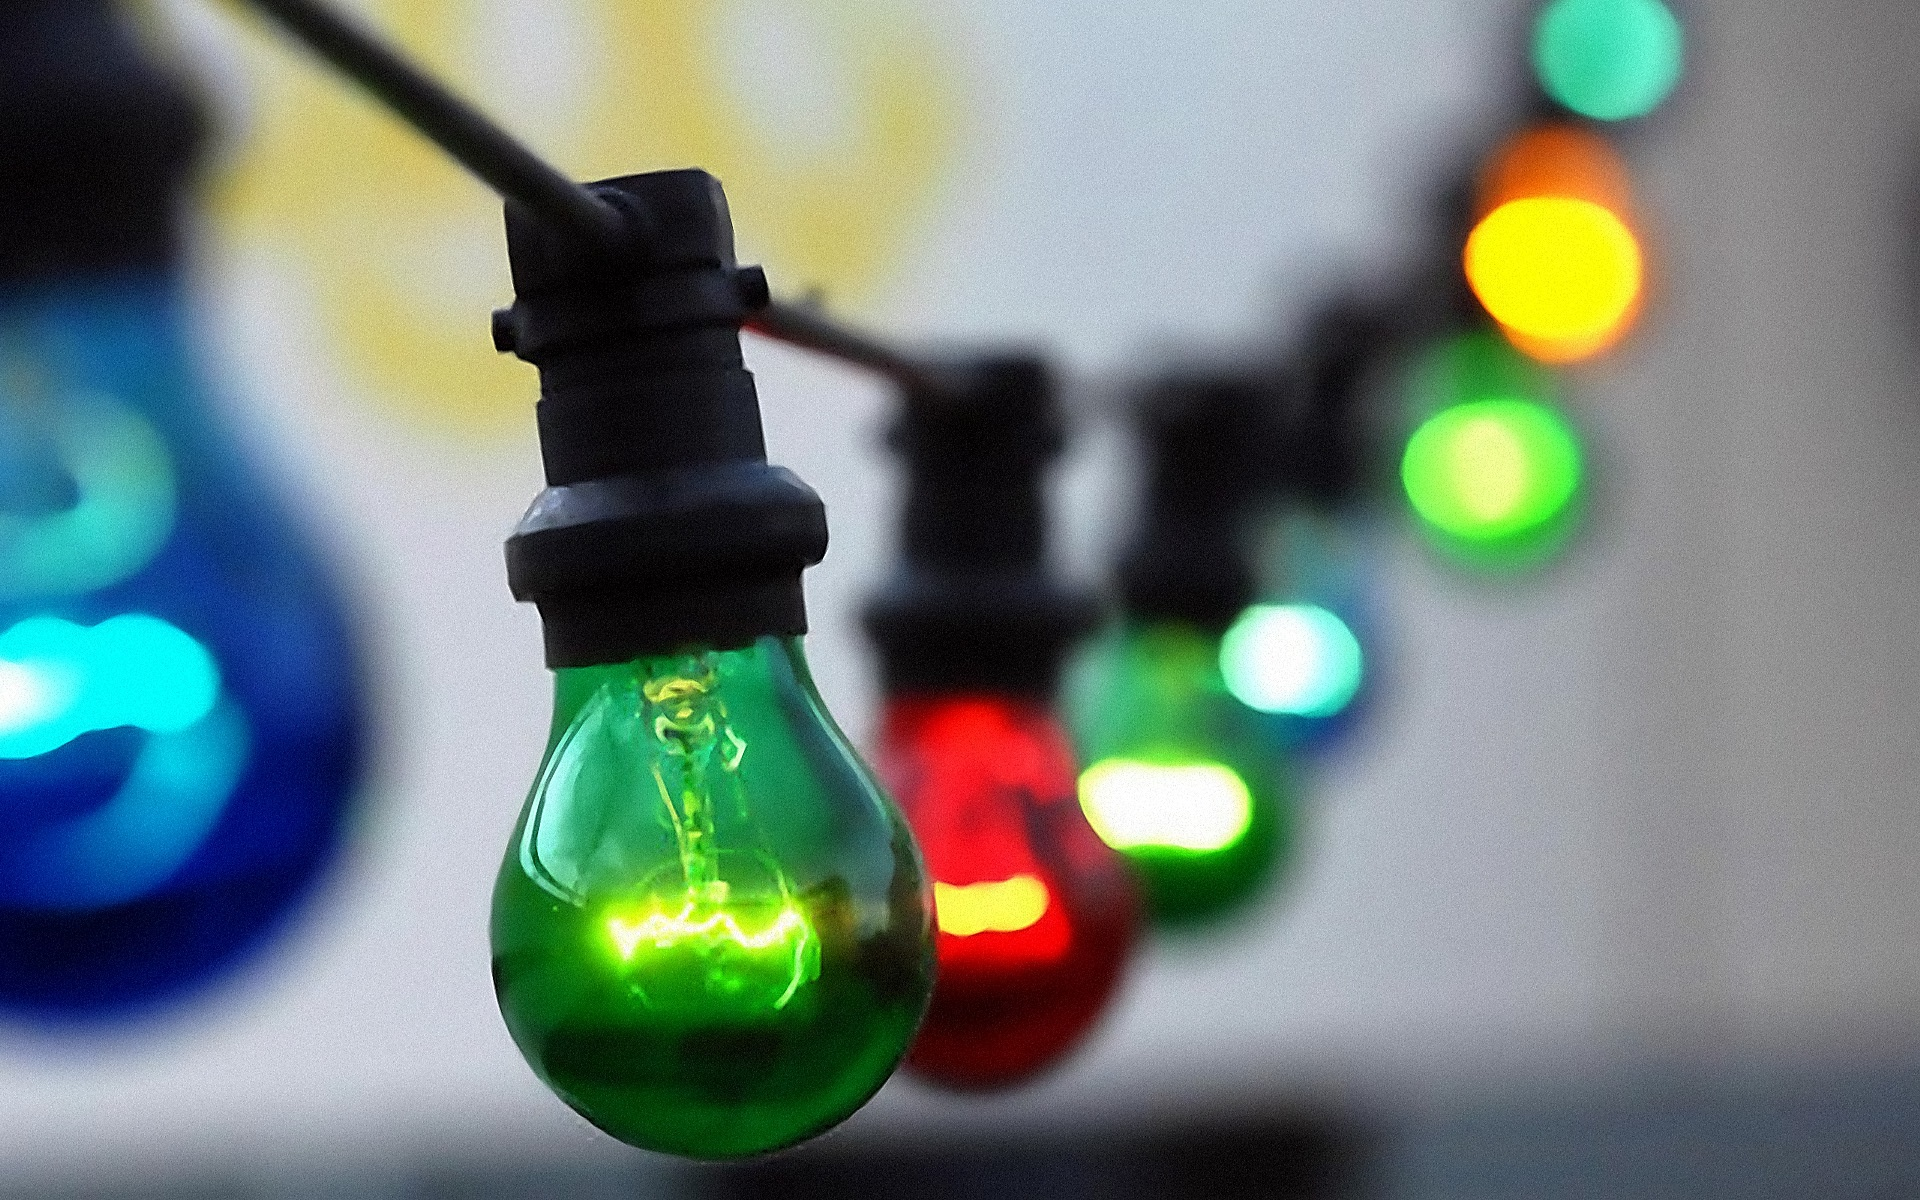 Luces de colores fondos de pantalla Luces de colores fotos gratis 1920x1200